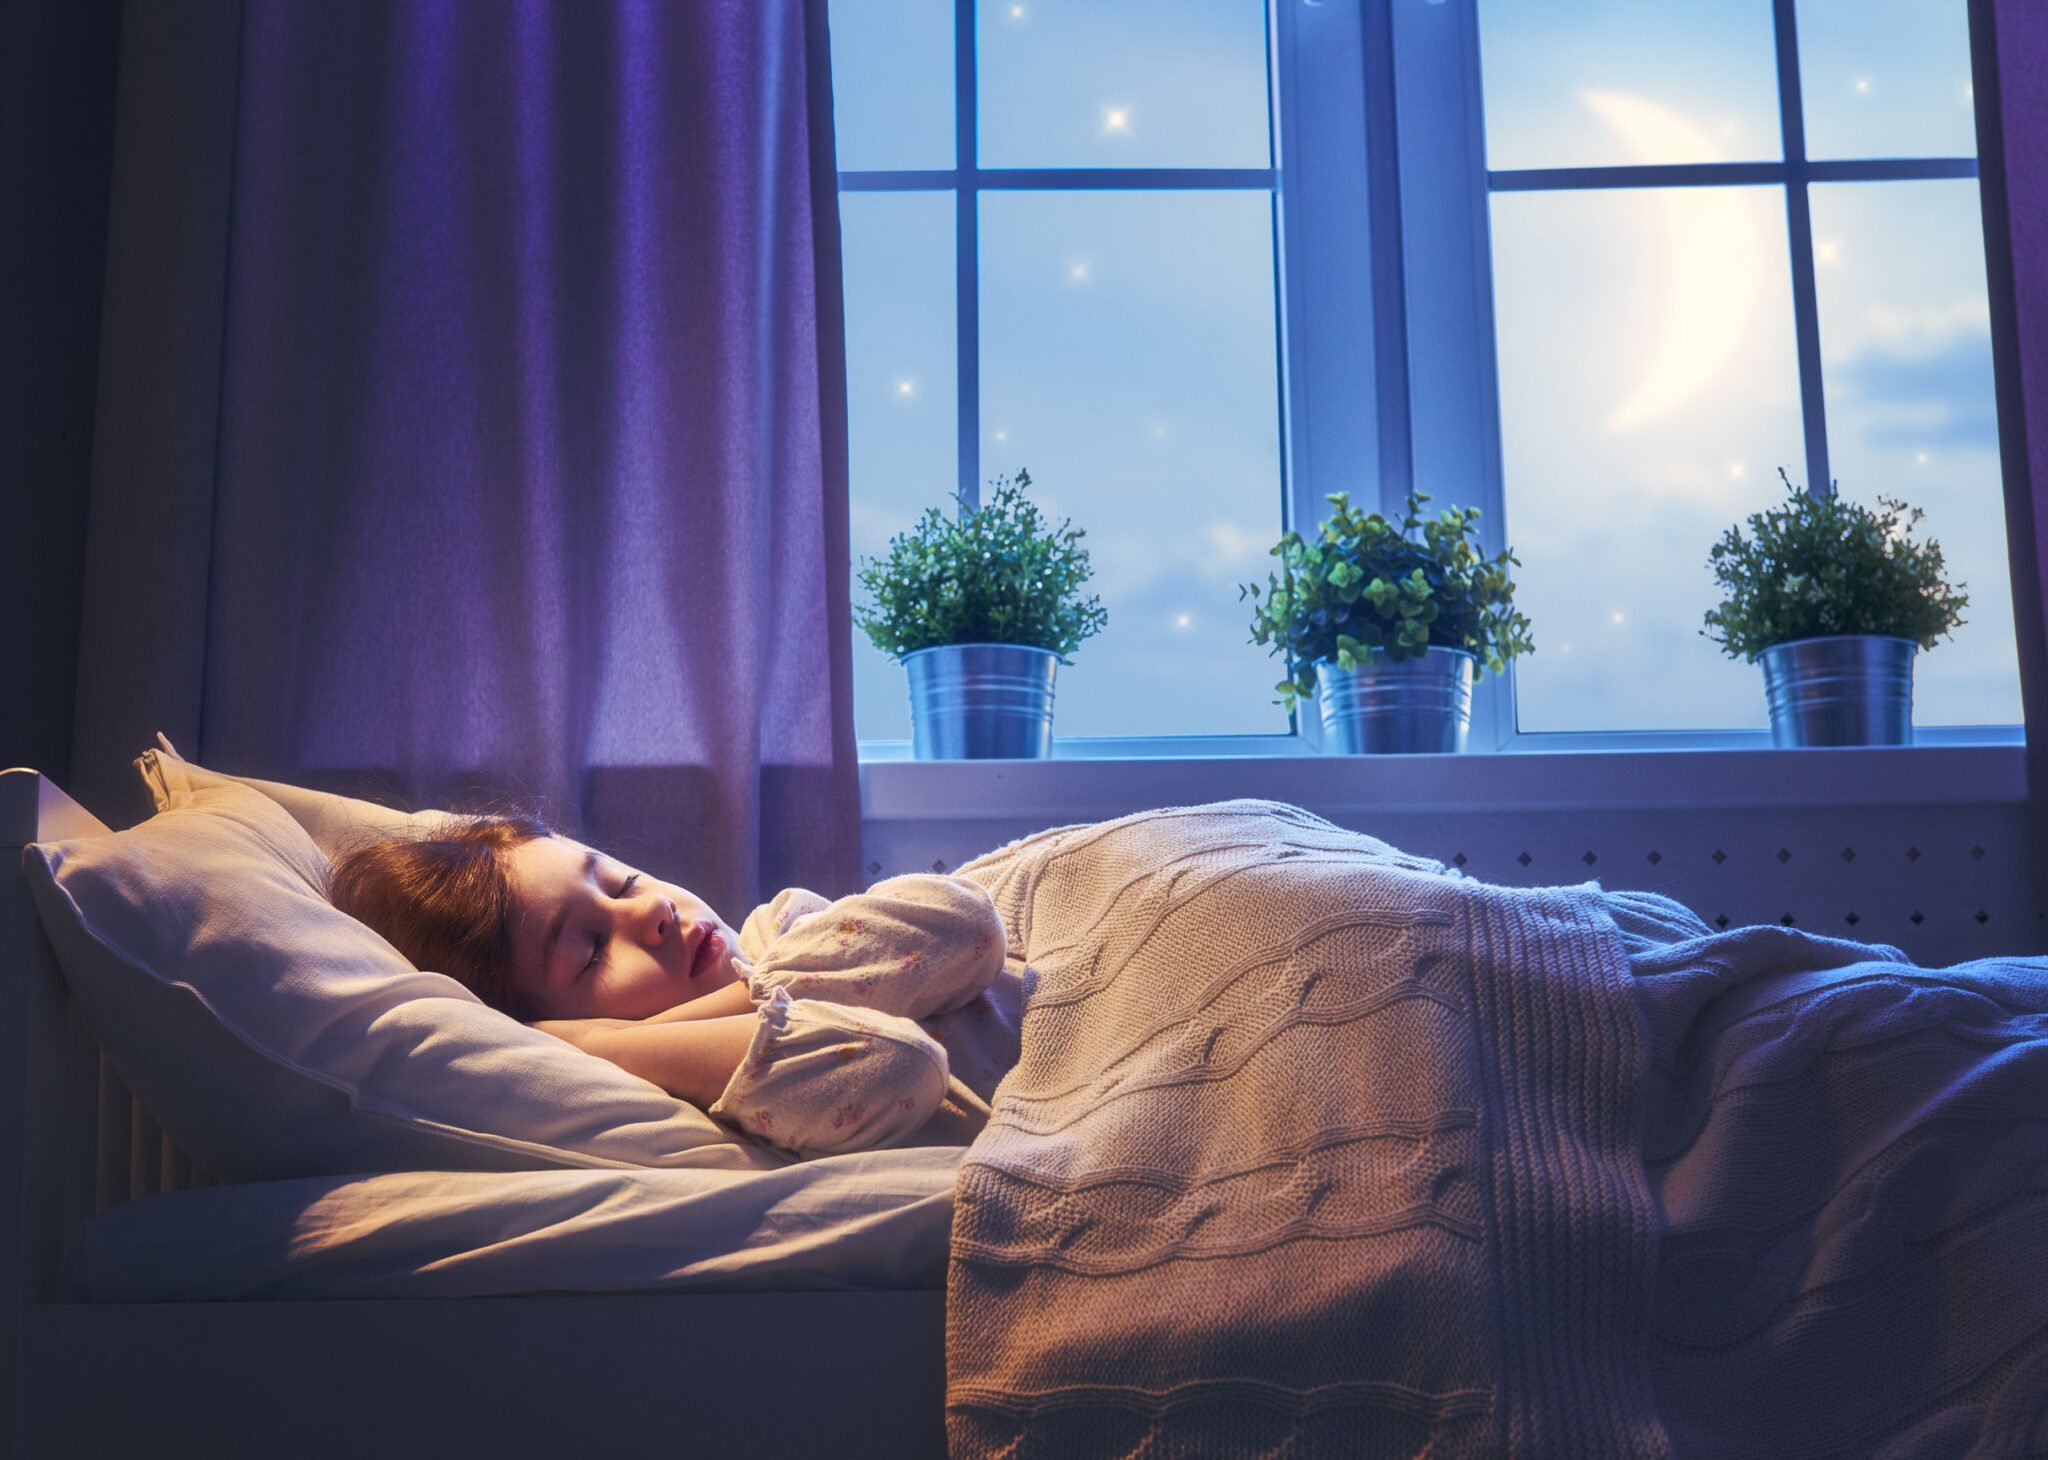 Kind slapen in het donker of met licht aan; wat is beter en waarom? - Mamaliefde.nl